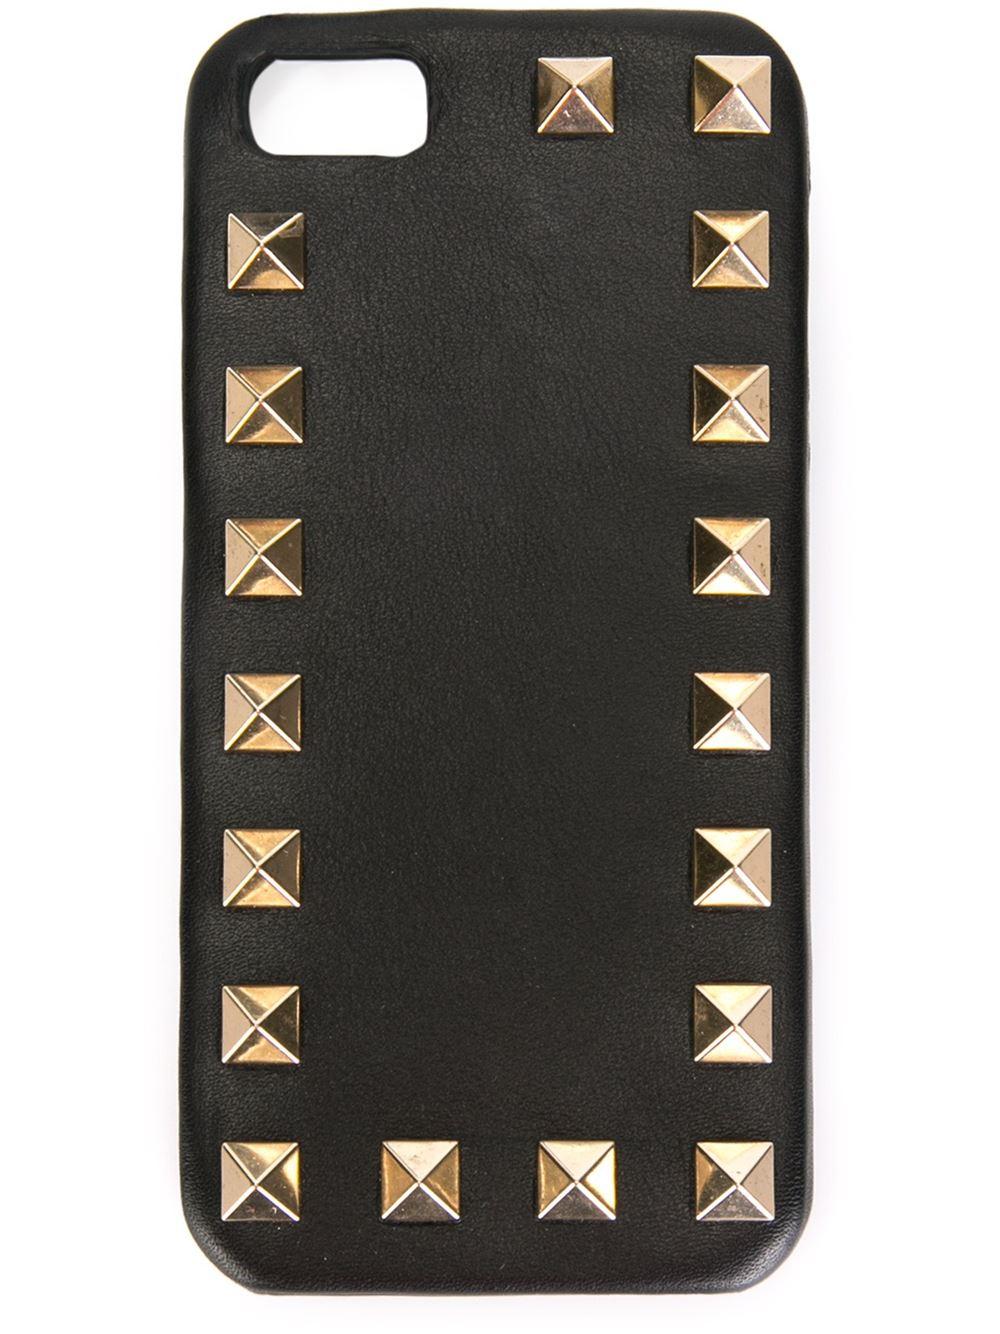 dda6f662555f3 valentino-garavani-black-rockstud-iphone-55s-case-product-2-905532470-normal.jpeg